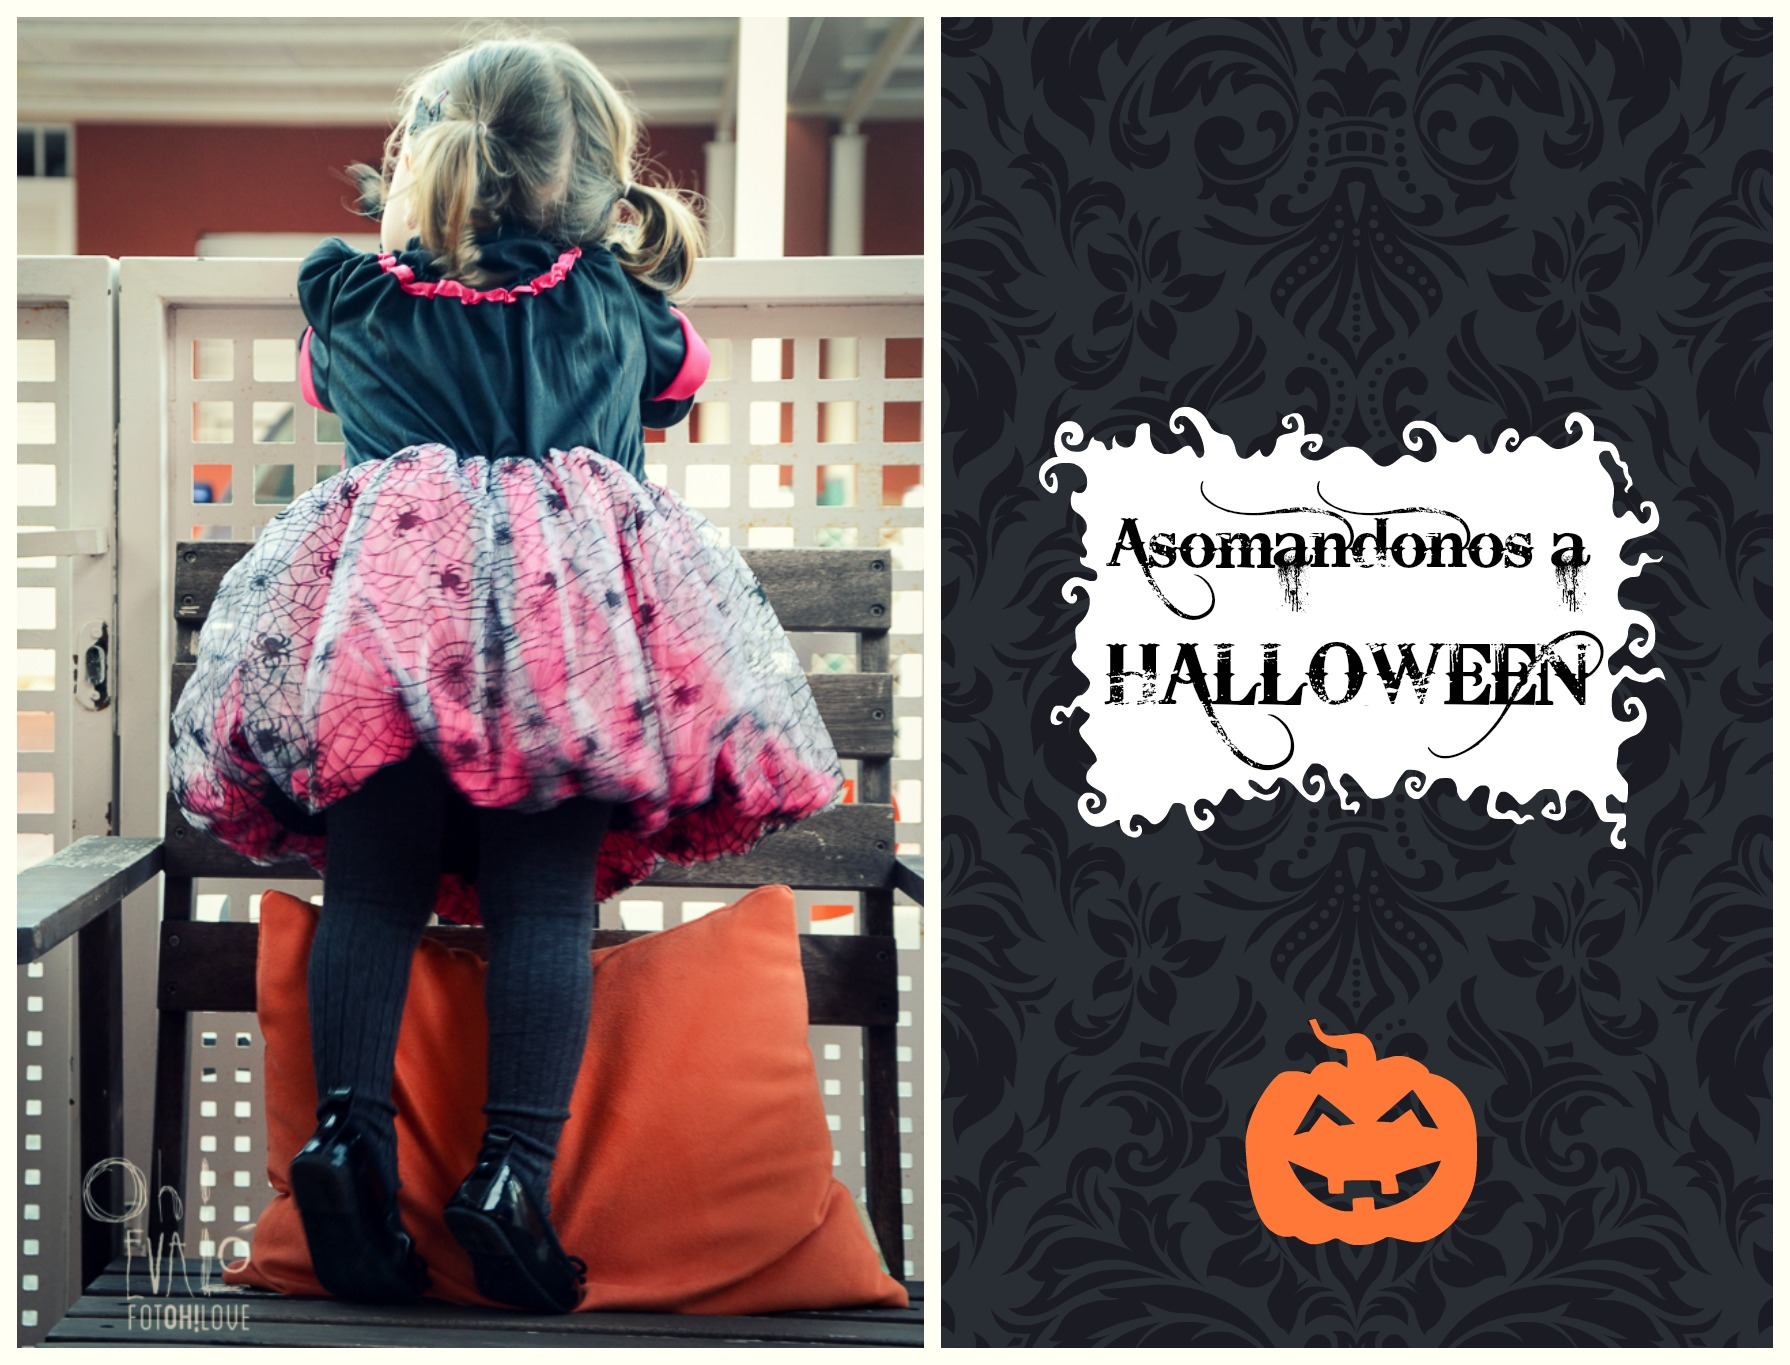 Asomándonos a Halloween